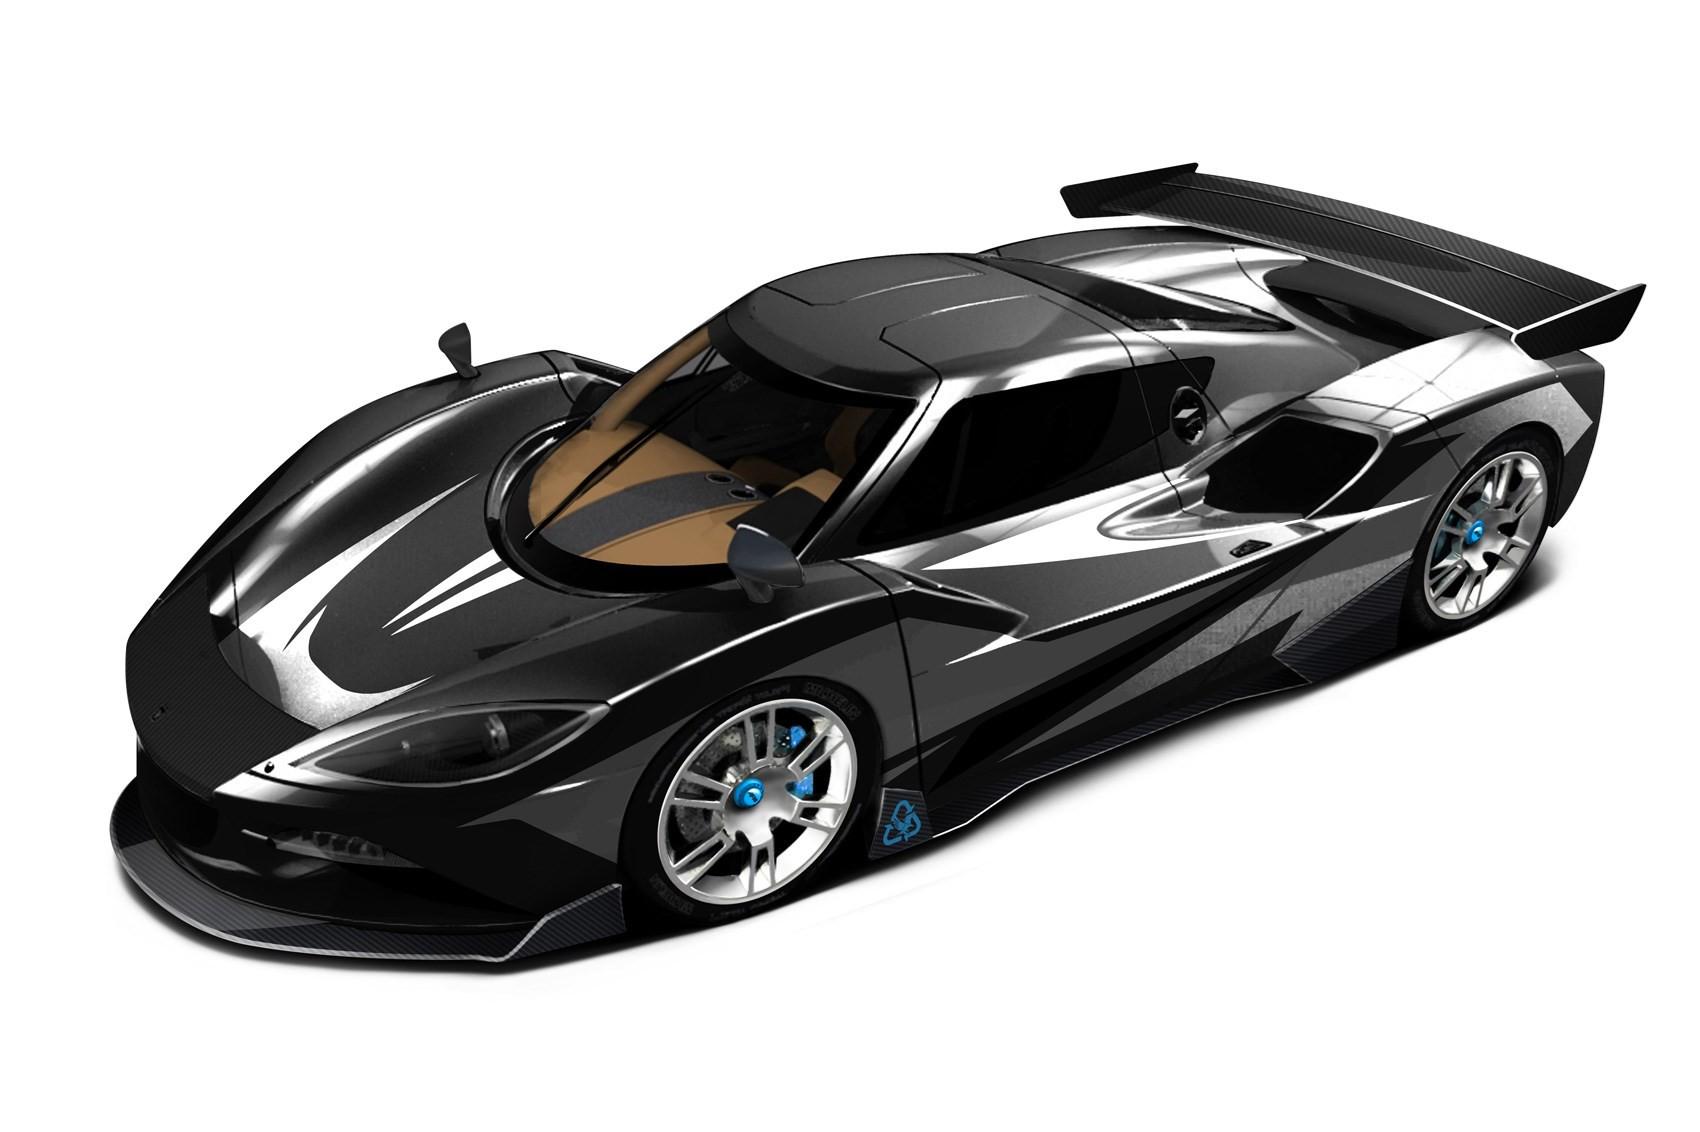 20 siêu xe đắt nhất thế giới hiện nay: Có tiền chưa chắc đã mua